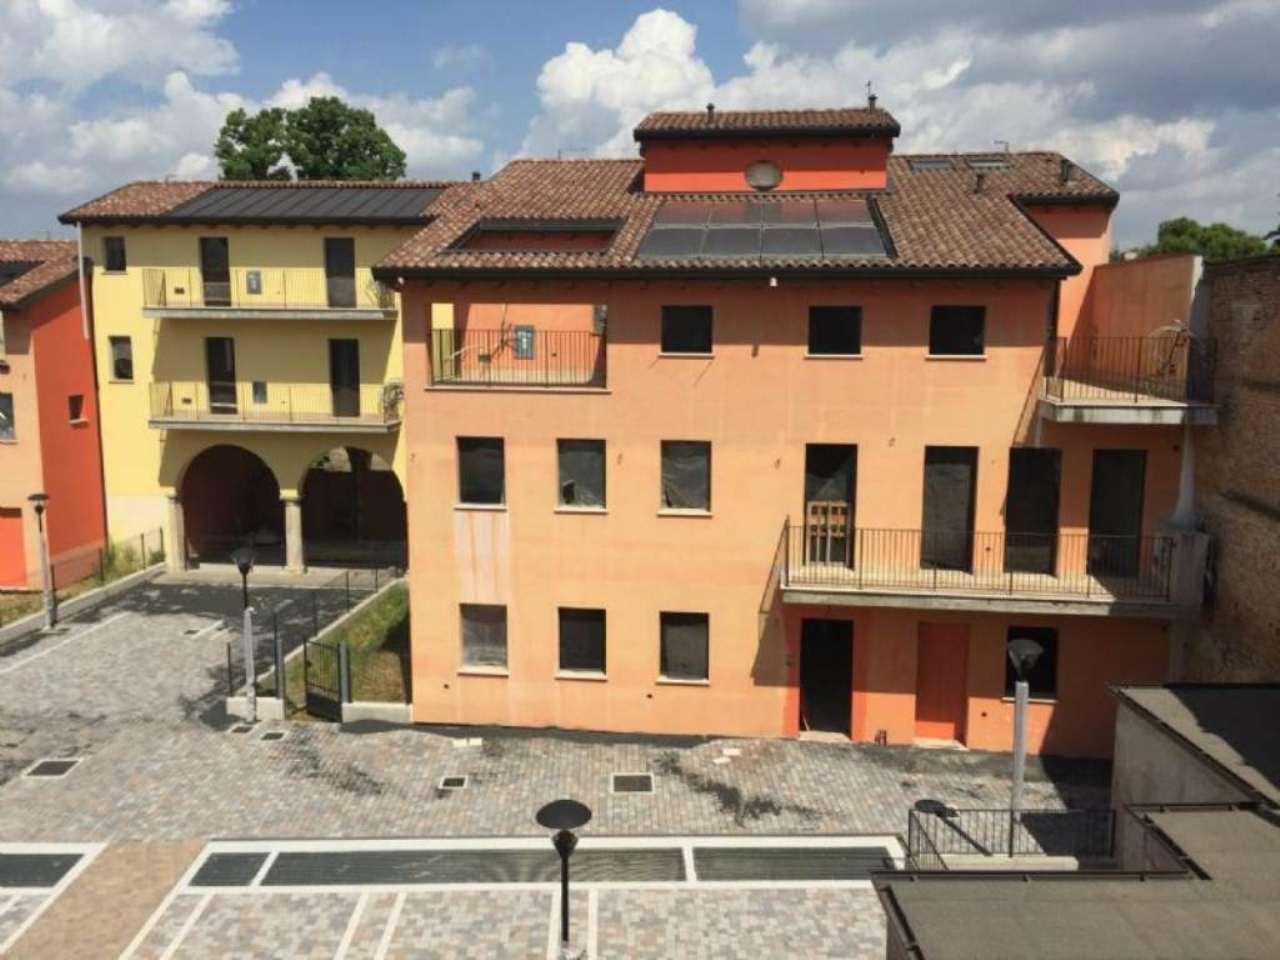 Appartamento in vendita a Ronco all'Adige, 9999 locali, prezzo € 63.000 | Cambio Casa.it